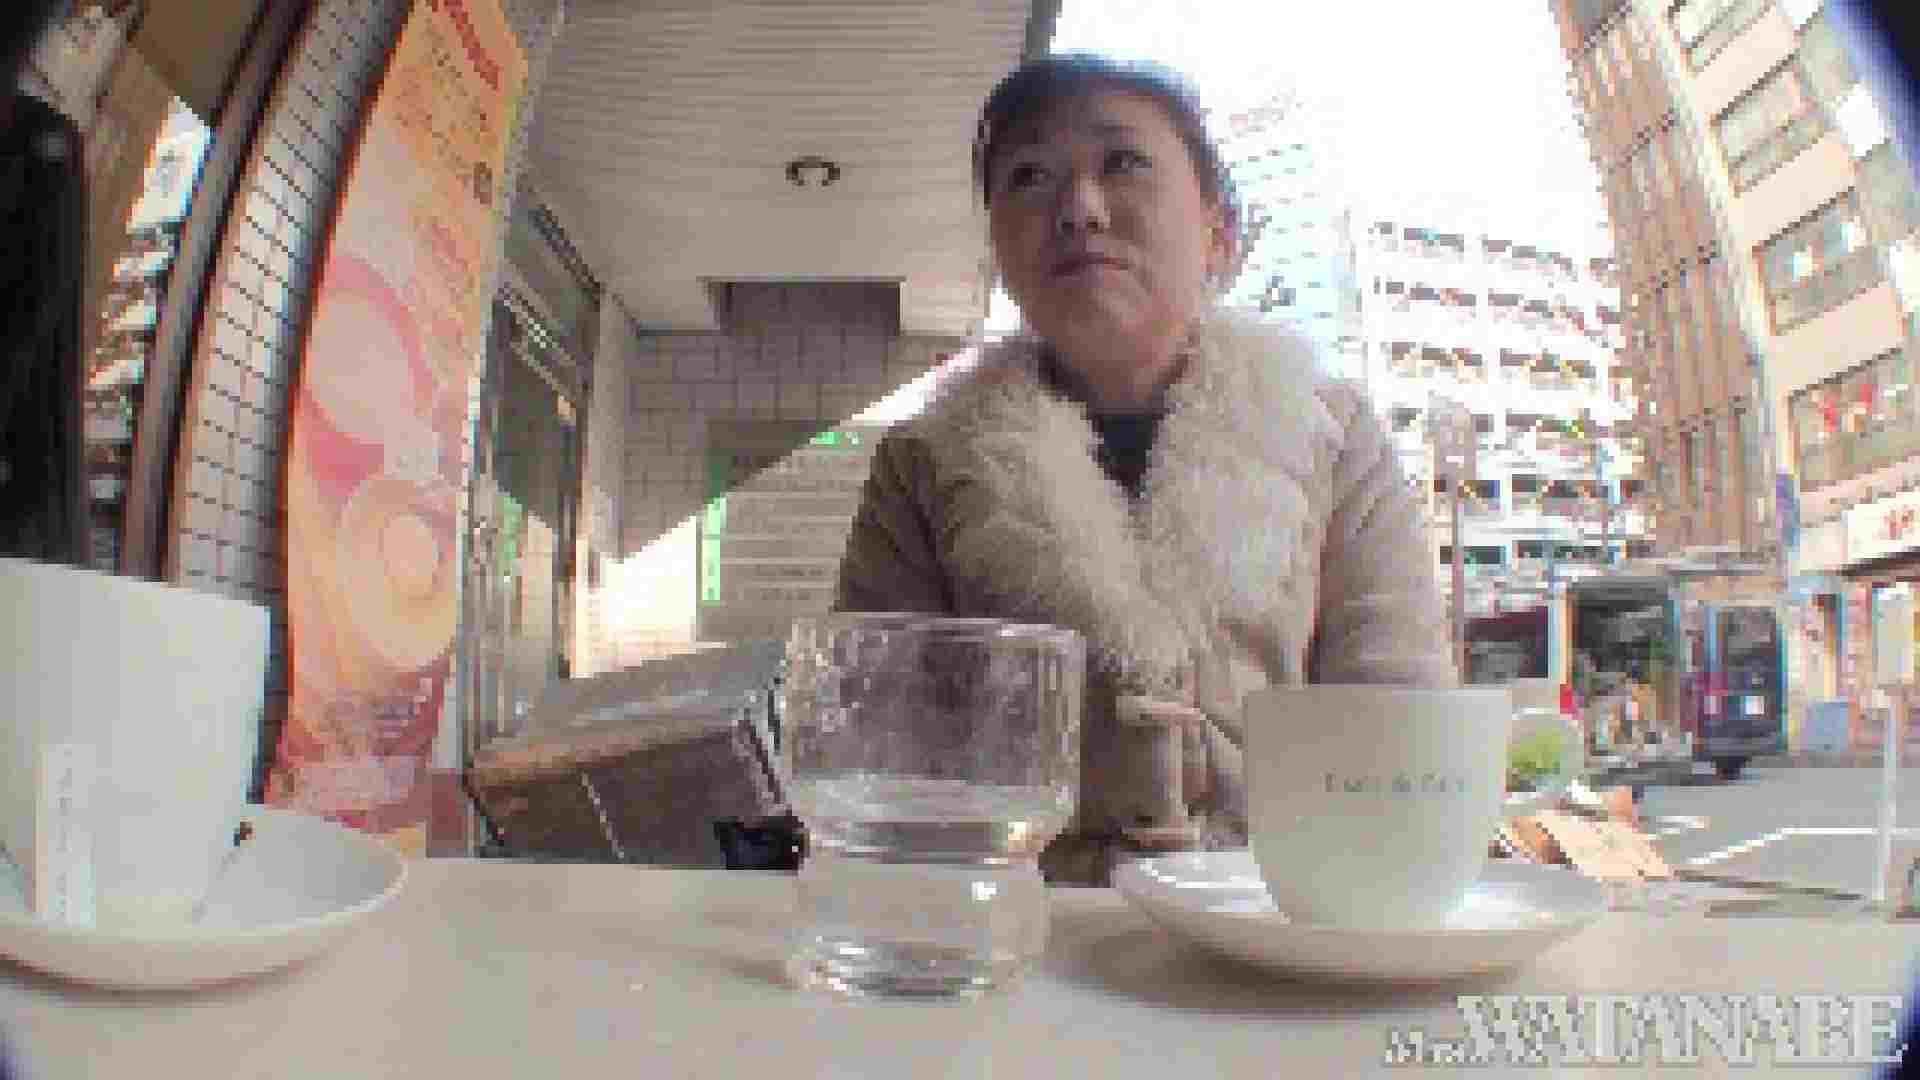 撮影スタッフを誘惑する痴熟女 かおり40歳 Vol.01 OLのエッチ オマンコ動画キャプチャ 73pic 34